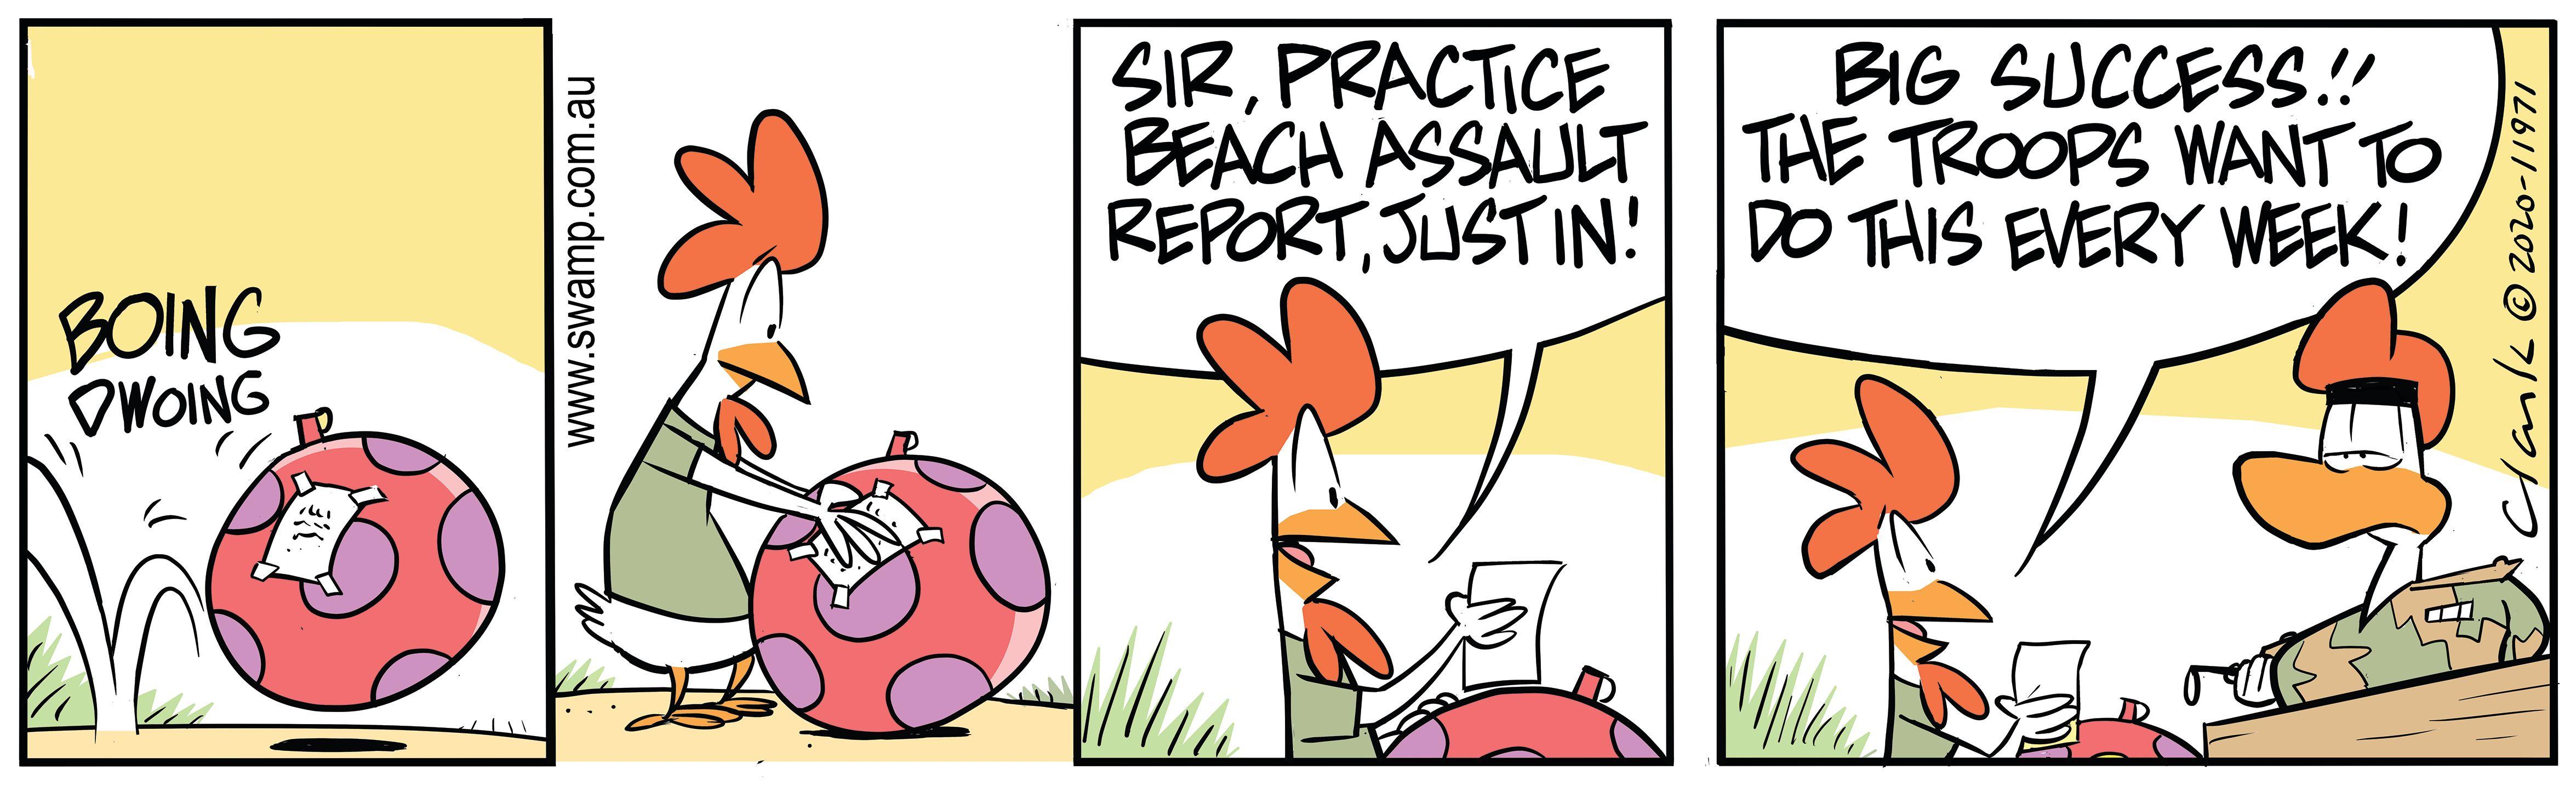 Practice Beach Assault